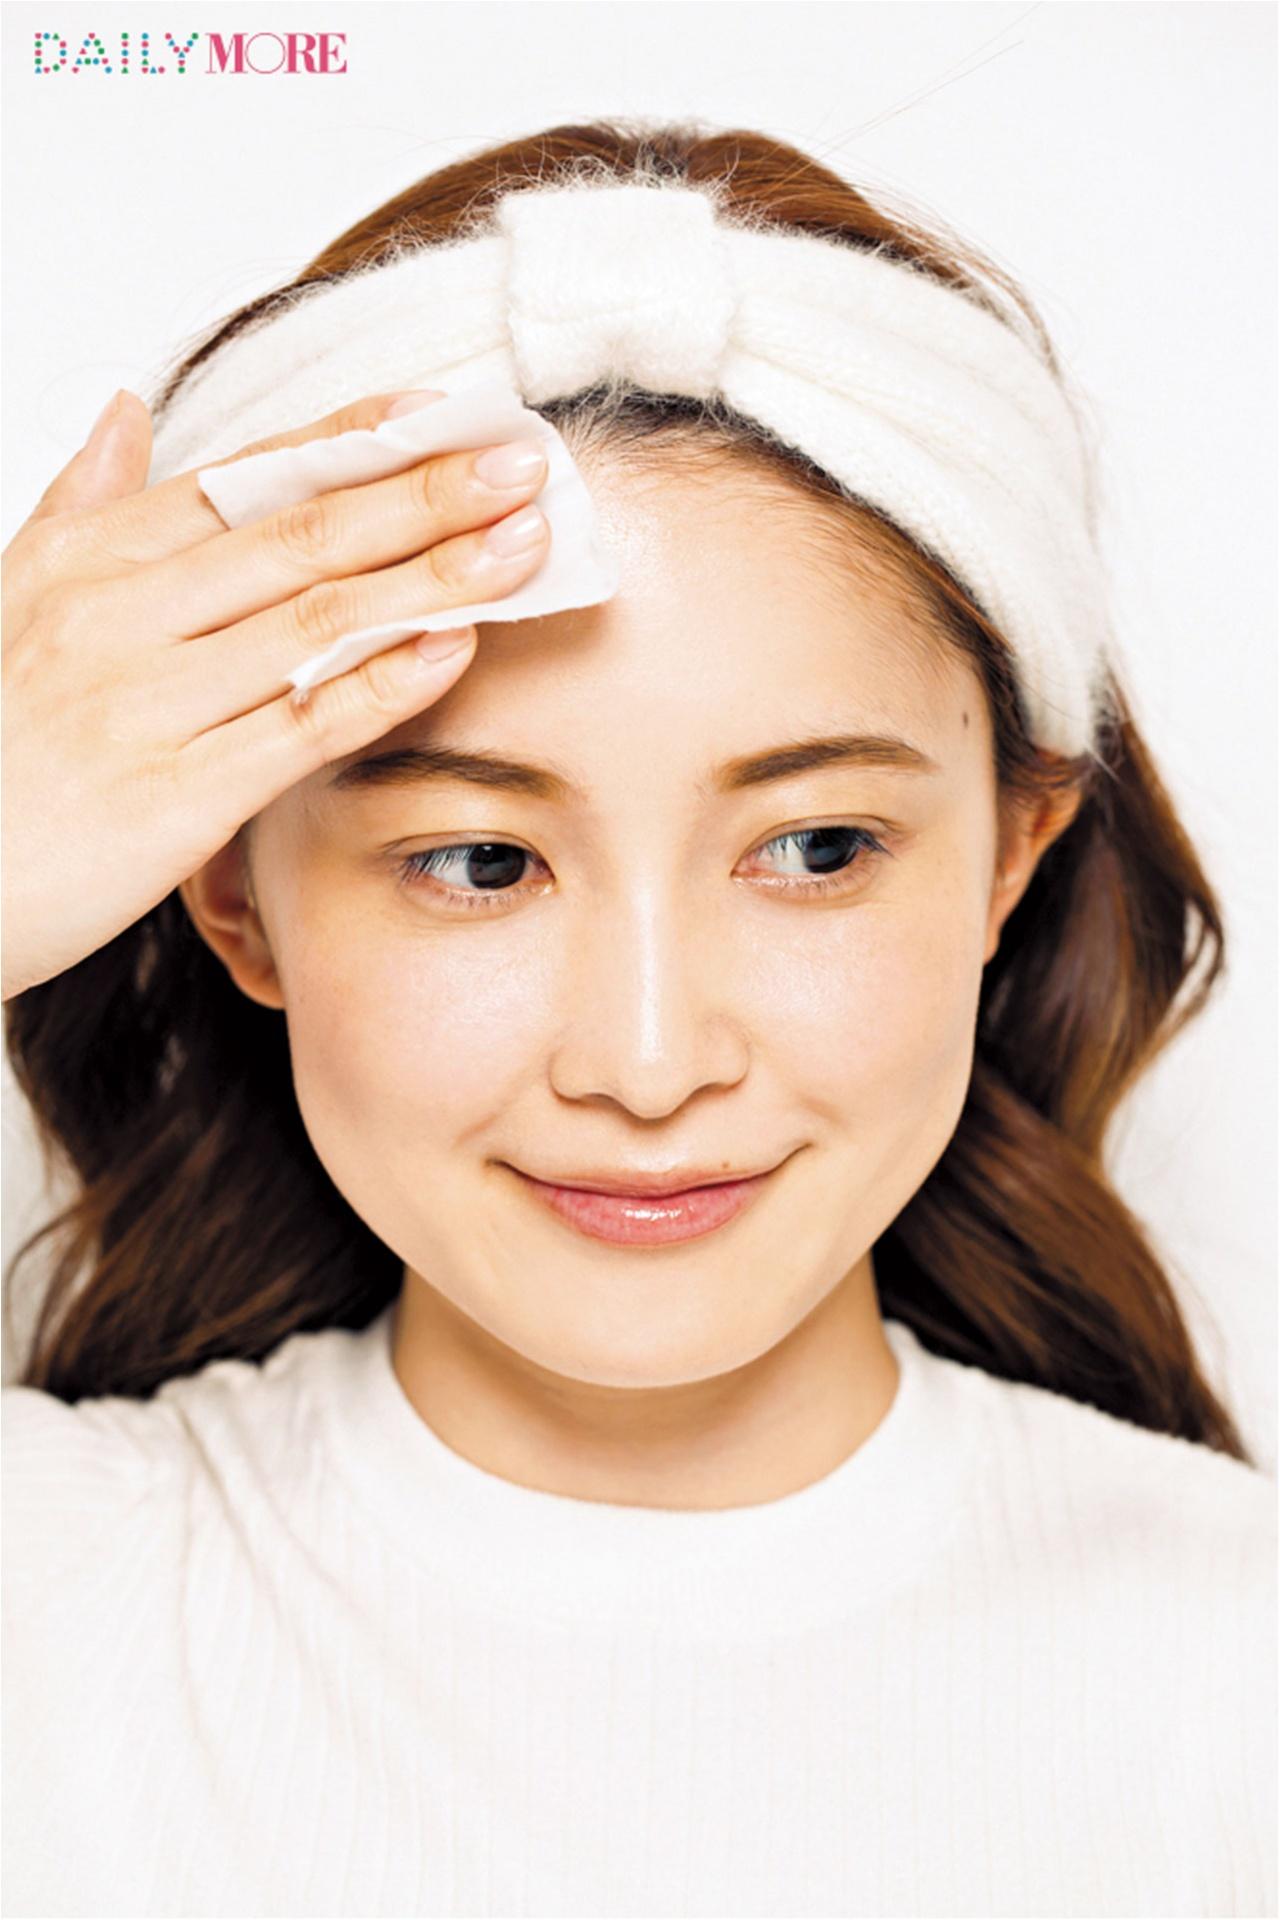 ニキビケア特集 - ニキビの原因は? 洗顔などおすすめのケア方法は?_25